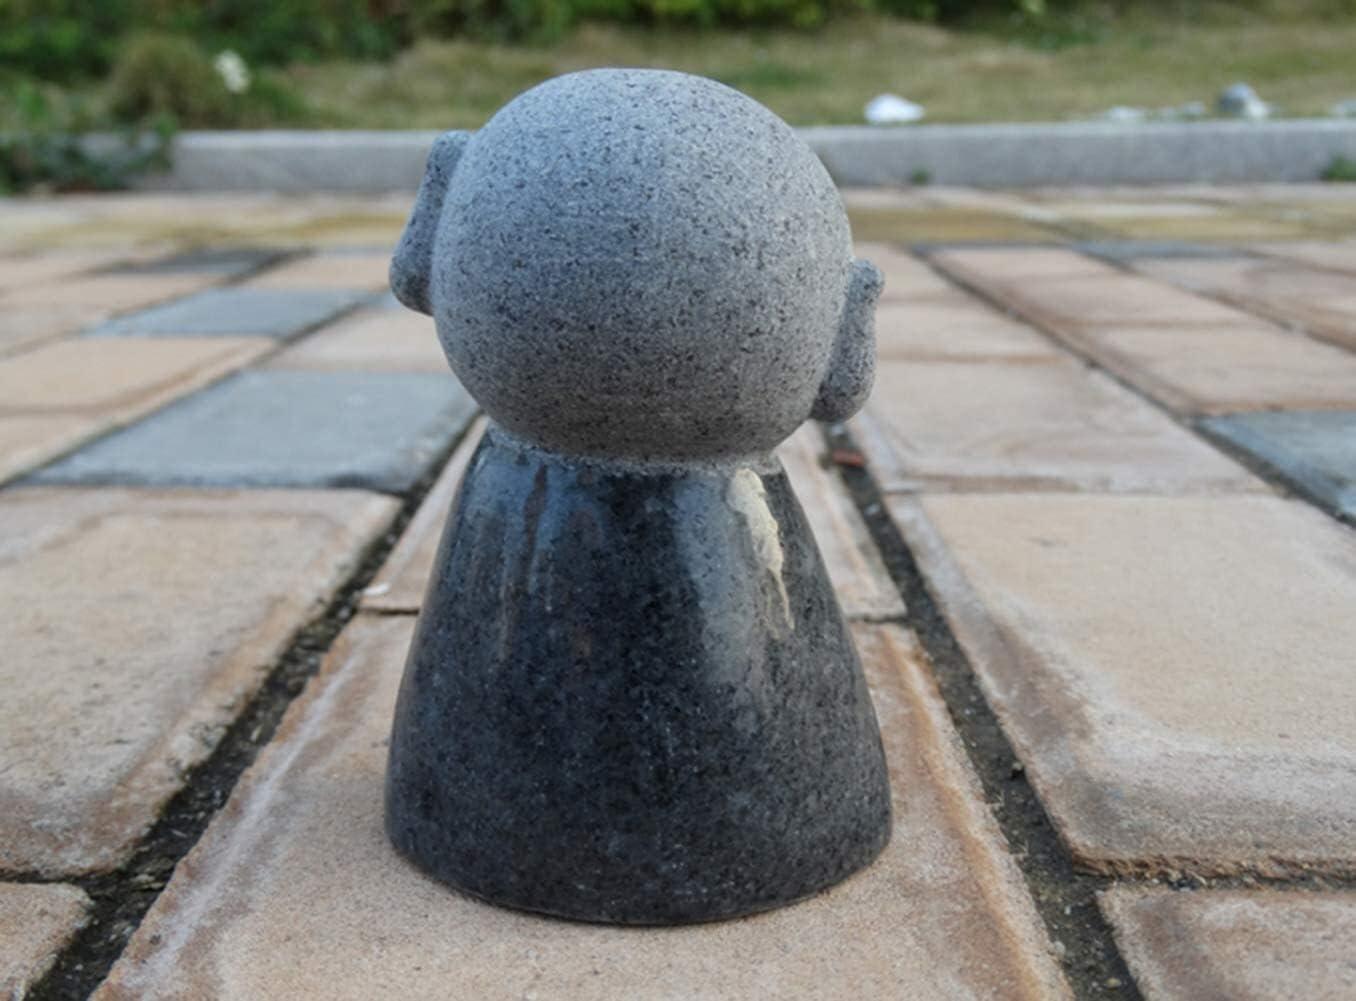 Escultura de escritorio Jizo monje estatua japon/és jizo monje mini estatua sonrisa escultura jizo jard/ín artesan/ía modelo figurilla mesa decoraci/ón